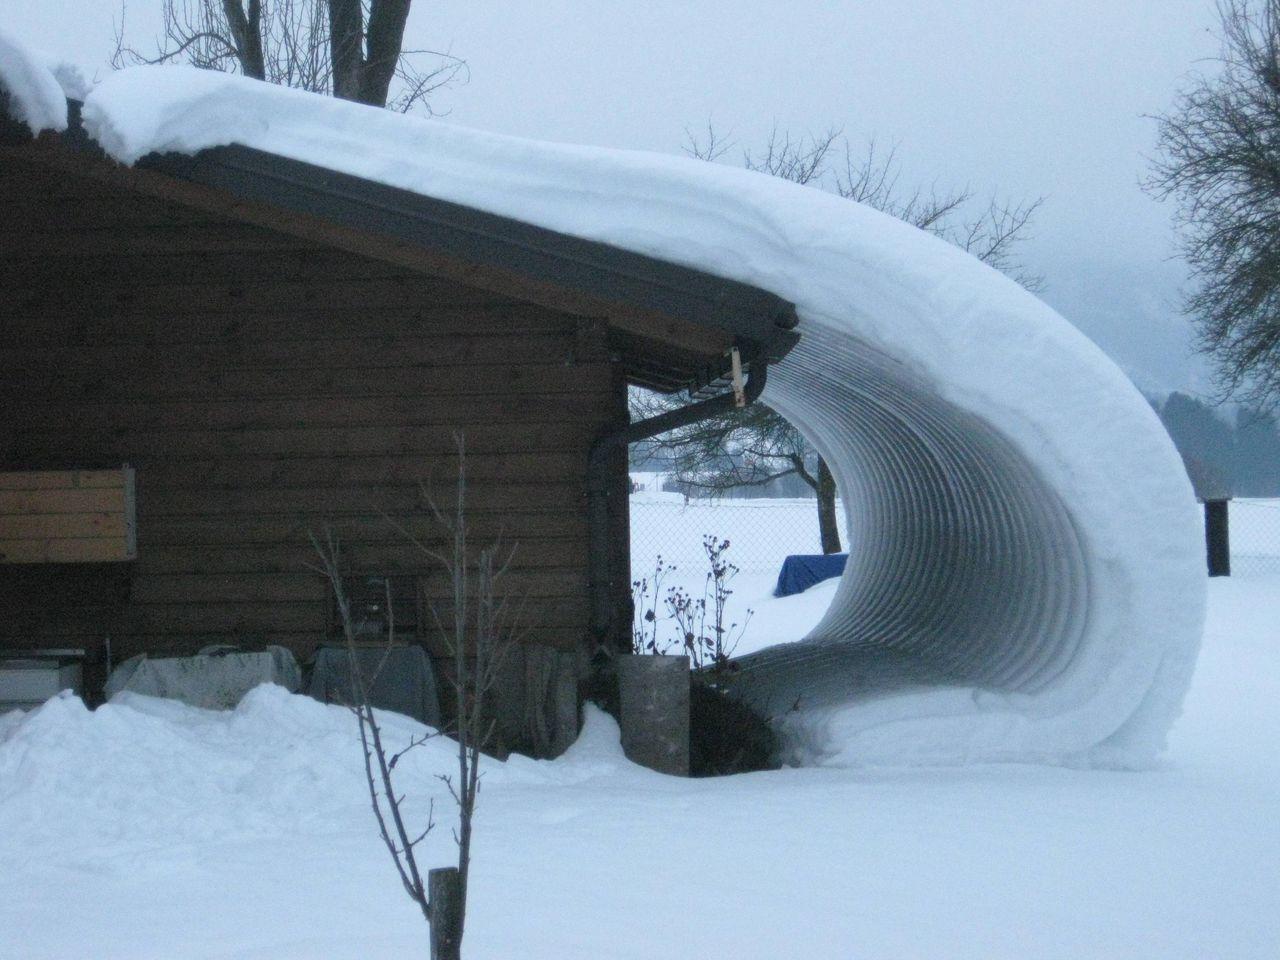 屋根からそのままの形で落ちてきた不思議な雪